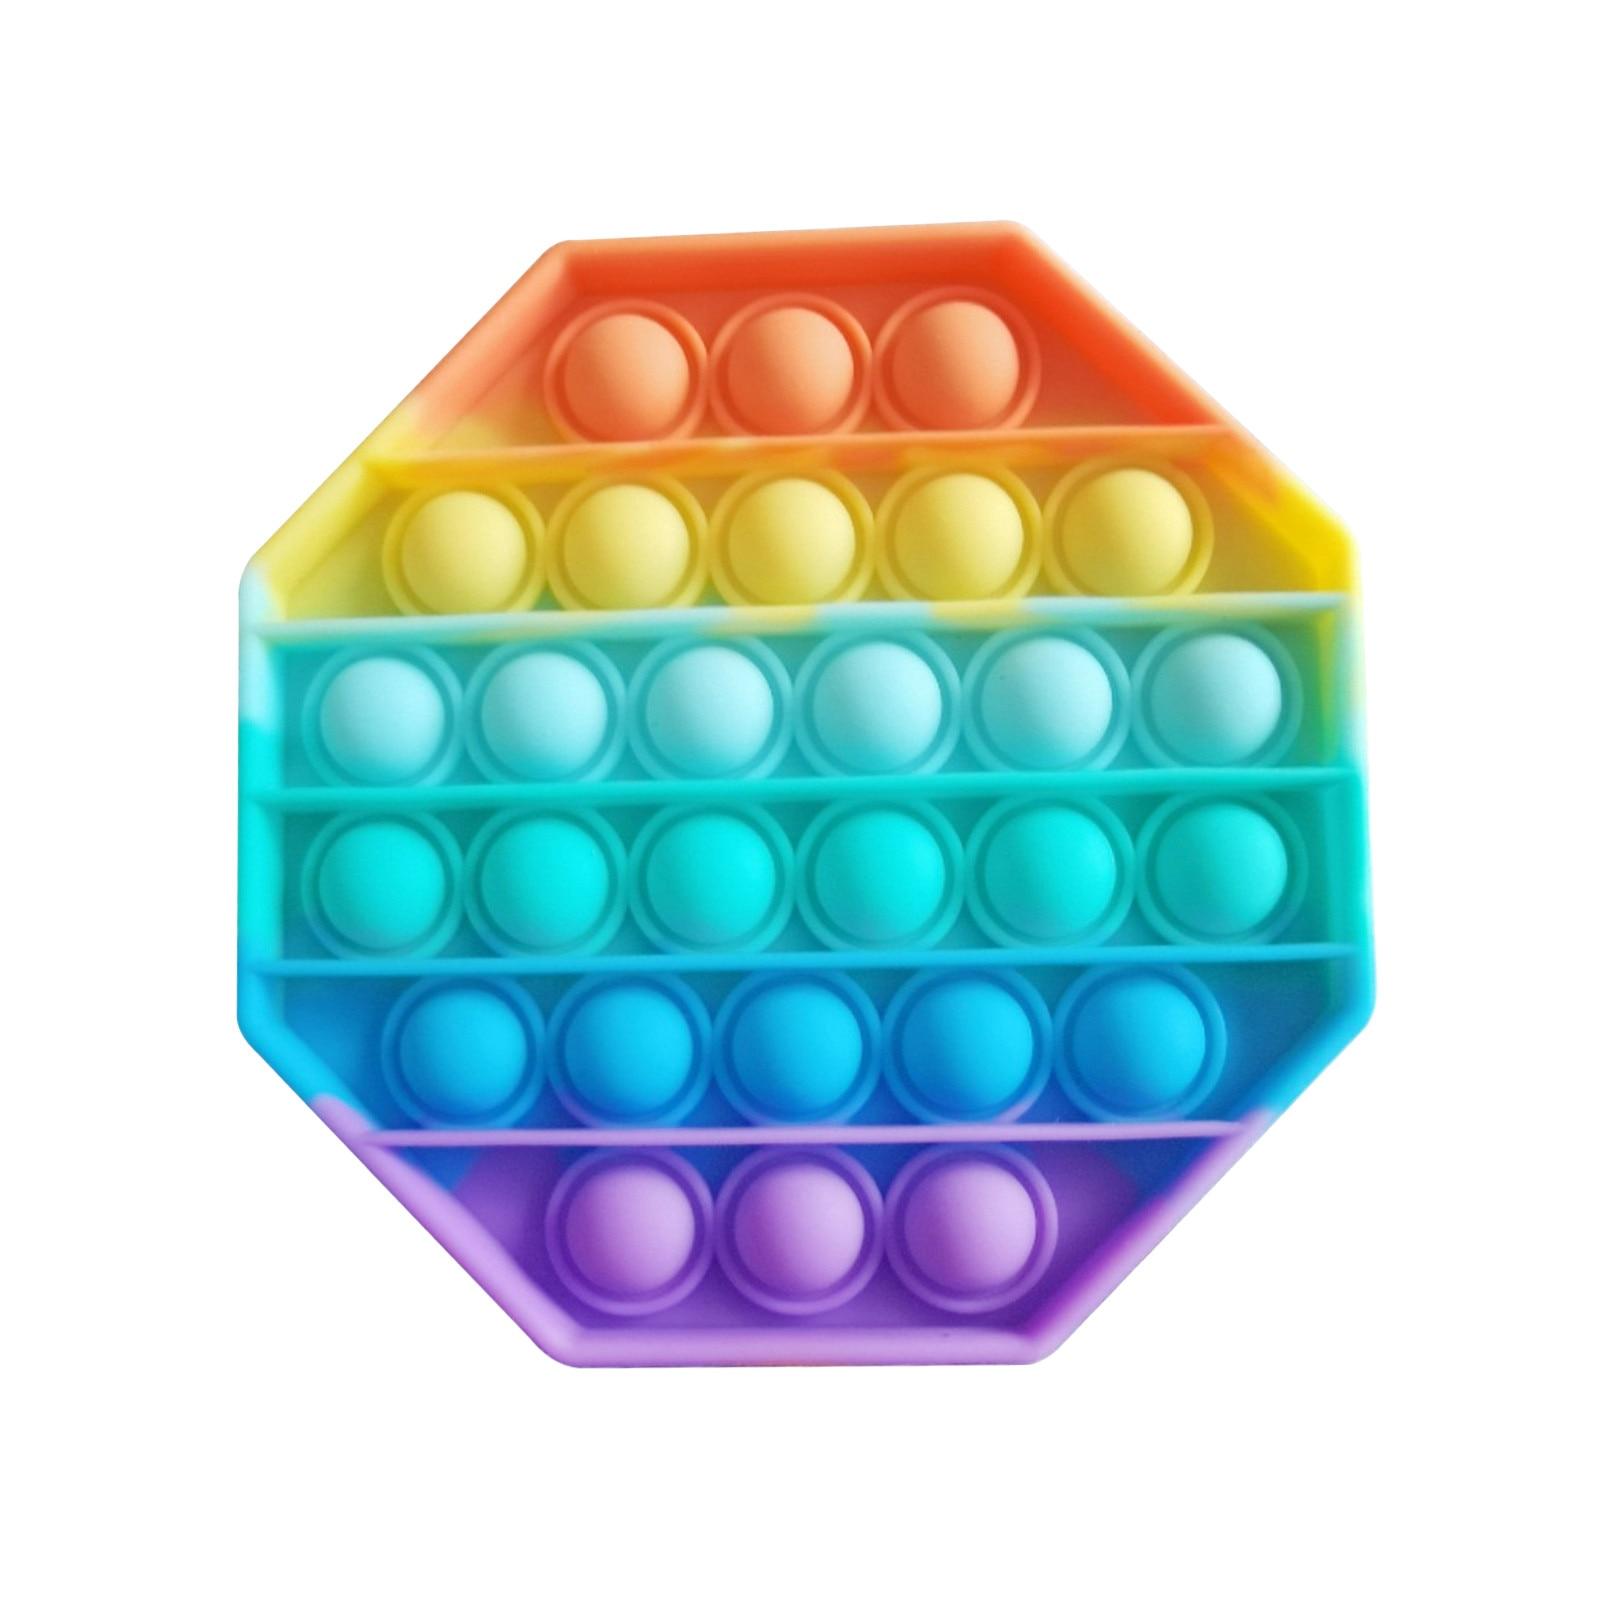 Игрушки-антистресс радужные цветные Стрейчевые струны Pop It Popit для взрослых и детей сжимаемые сенсорные антистрессовые игрушки